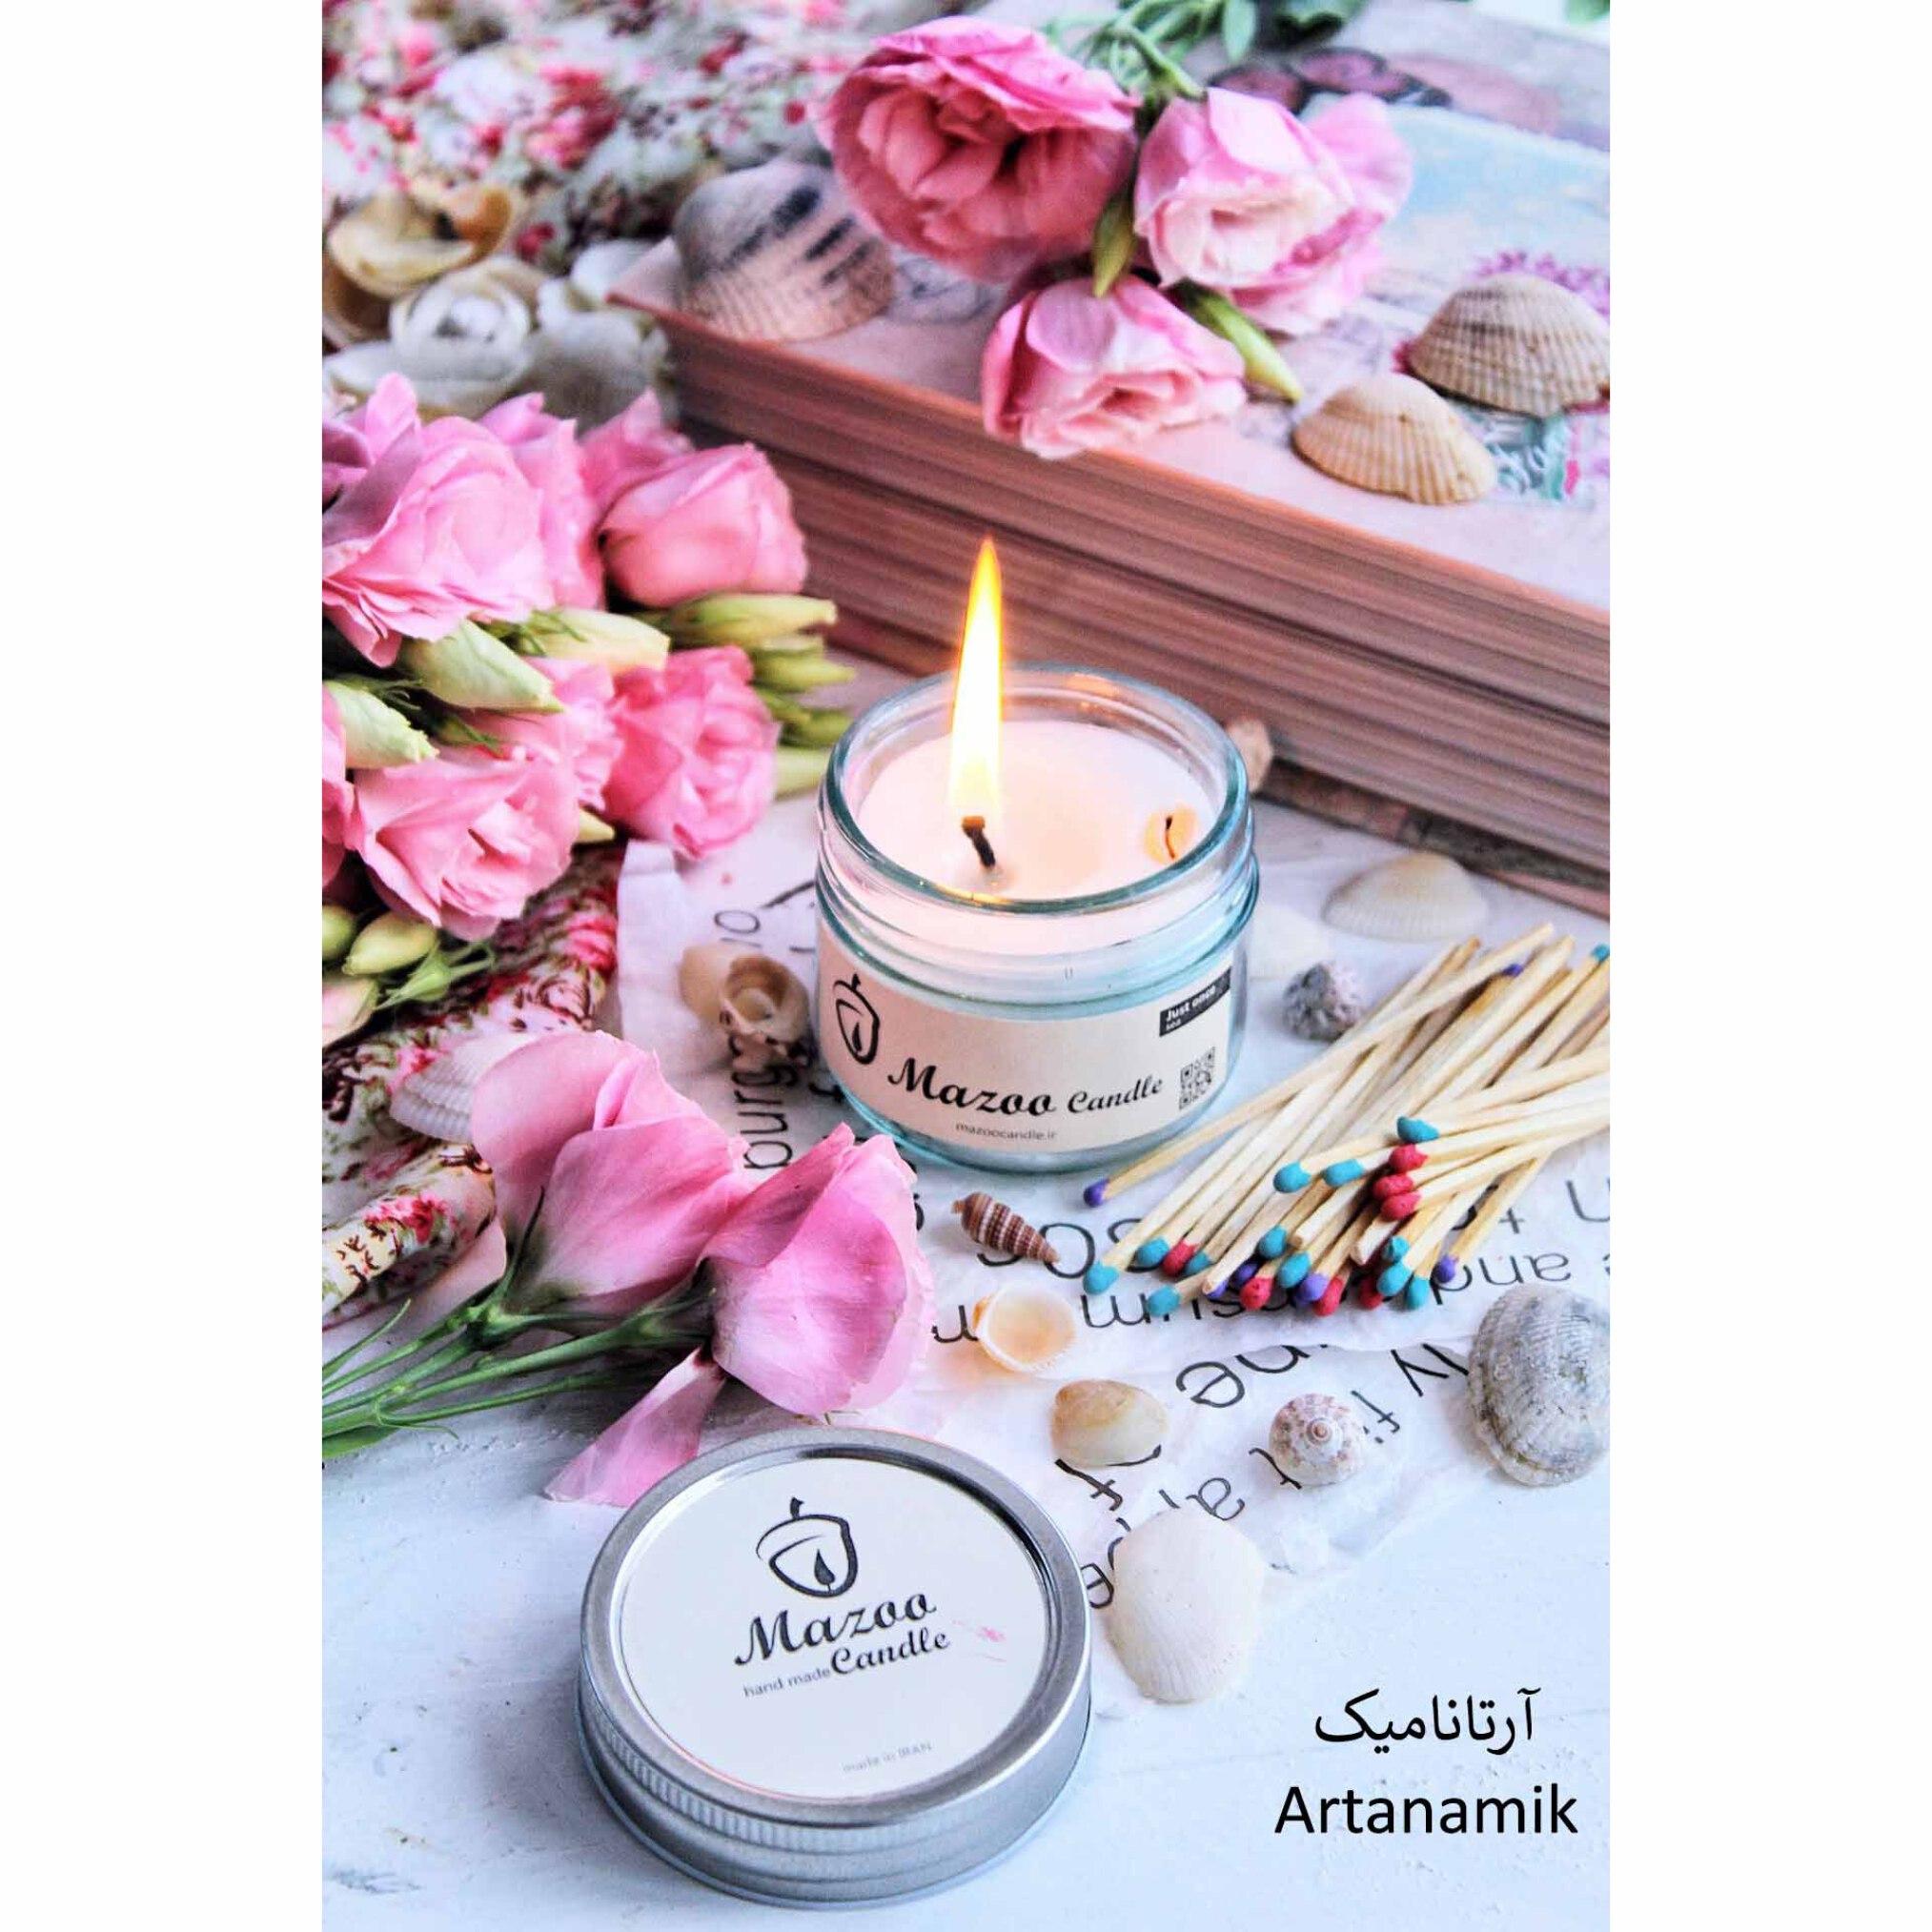 خرید شمع معطر با رنگ ها و رایحه های مختلف، شمع با کیفیت، شمع دکوری